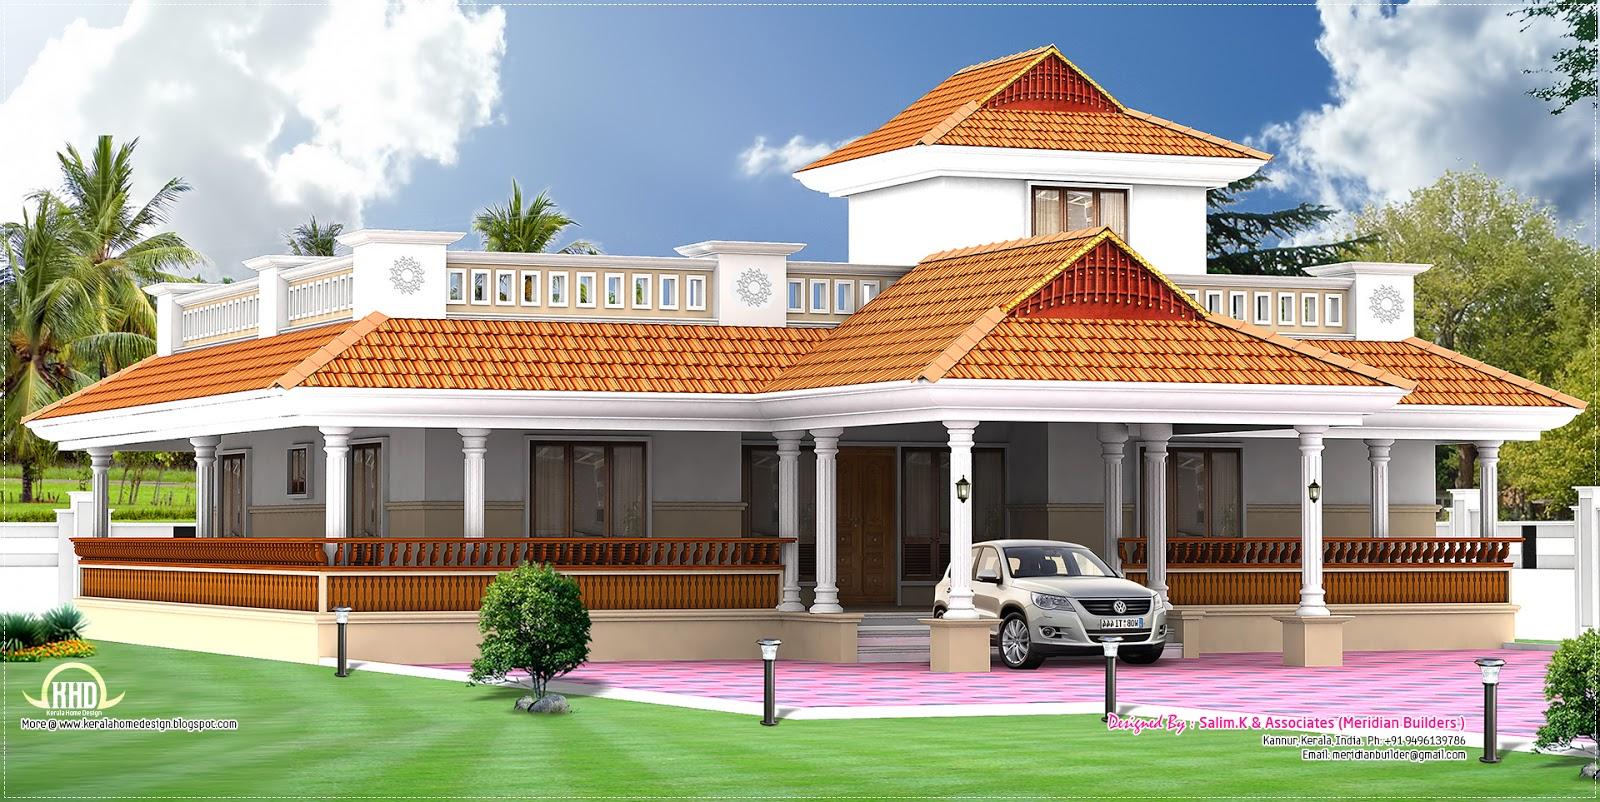 Kerala style vastu oriented 2 bedroom single storied residence | House ...